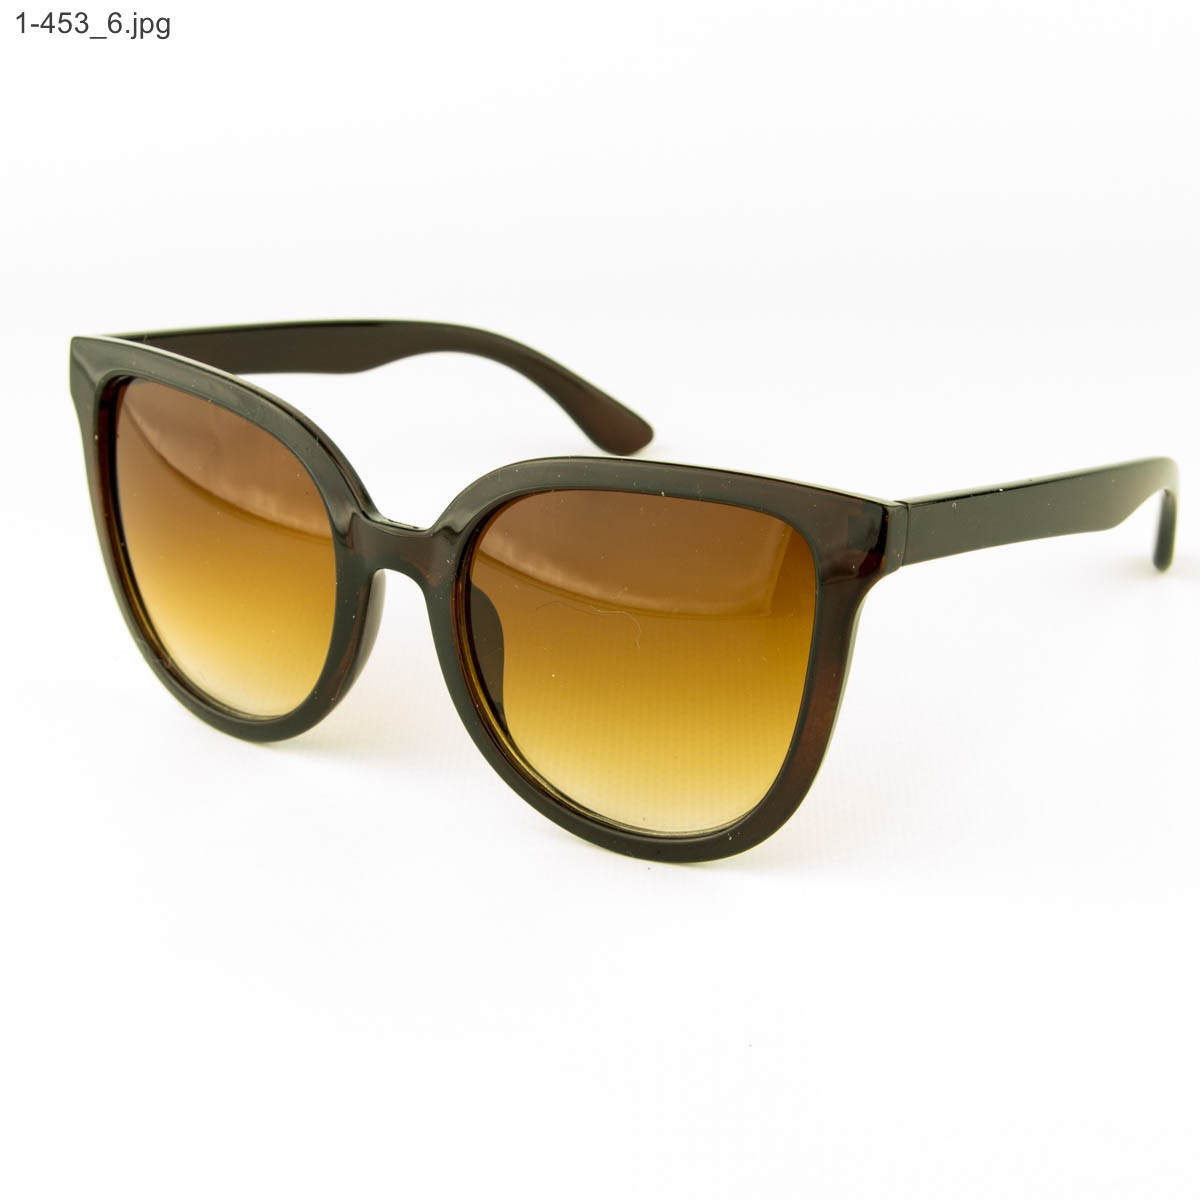 Солнцезащитные женские очки - Коричневые - 1-453